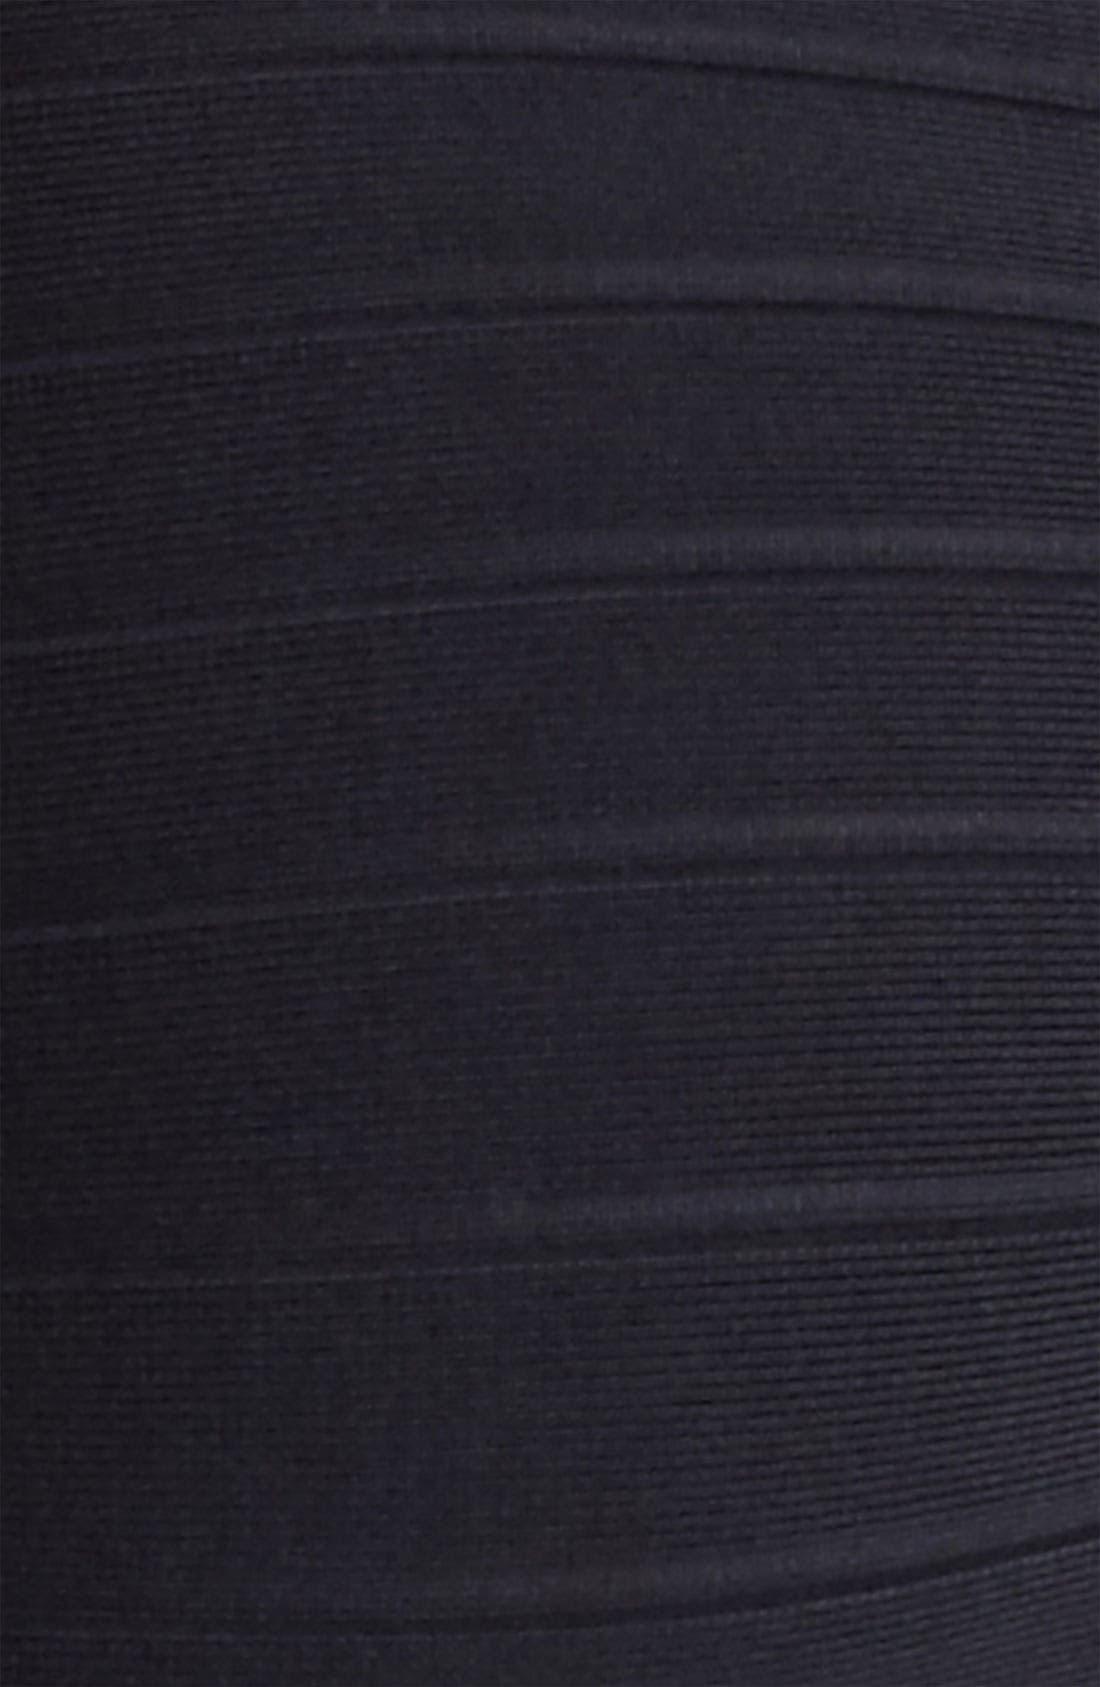 Alternate Image 3  - Herve Leger Halter Strap Bandage Dress